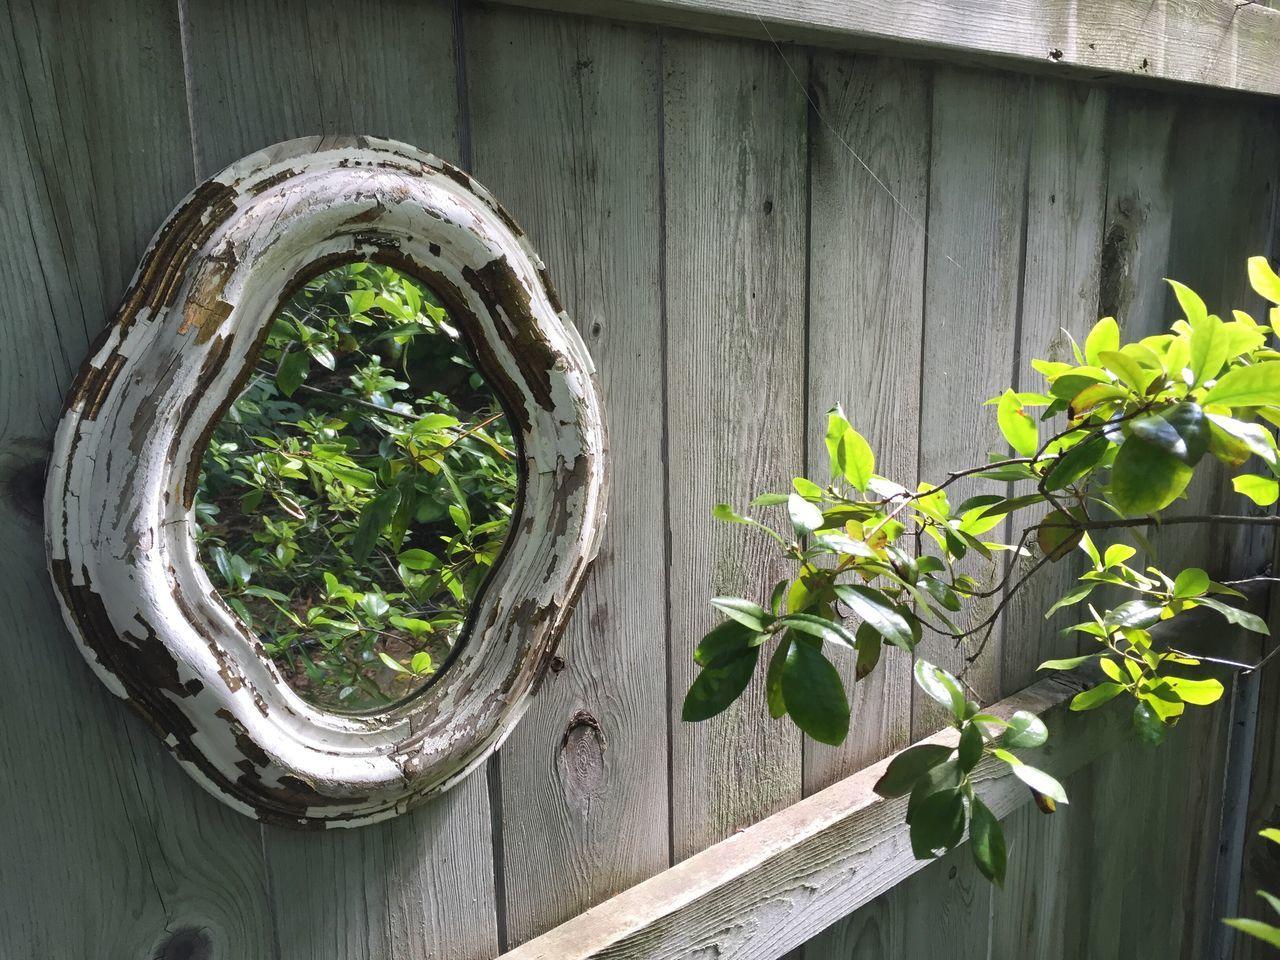 Secret Garden Garden Photography Garden Plants Reflection Garden Reflection plant vanity Check This Out